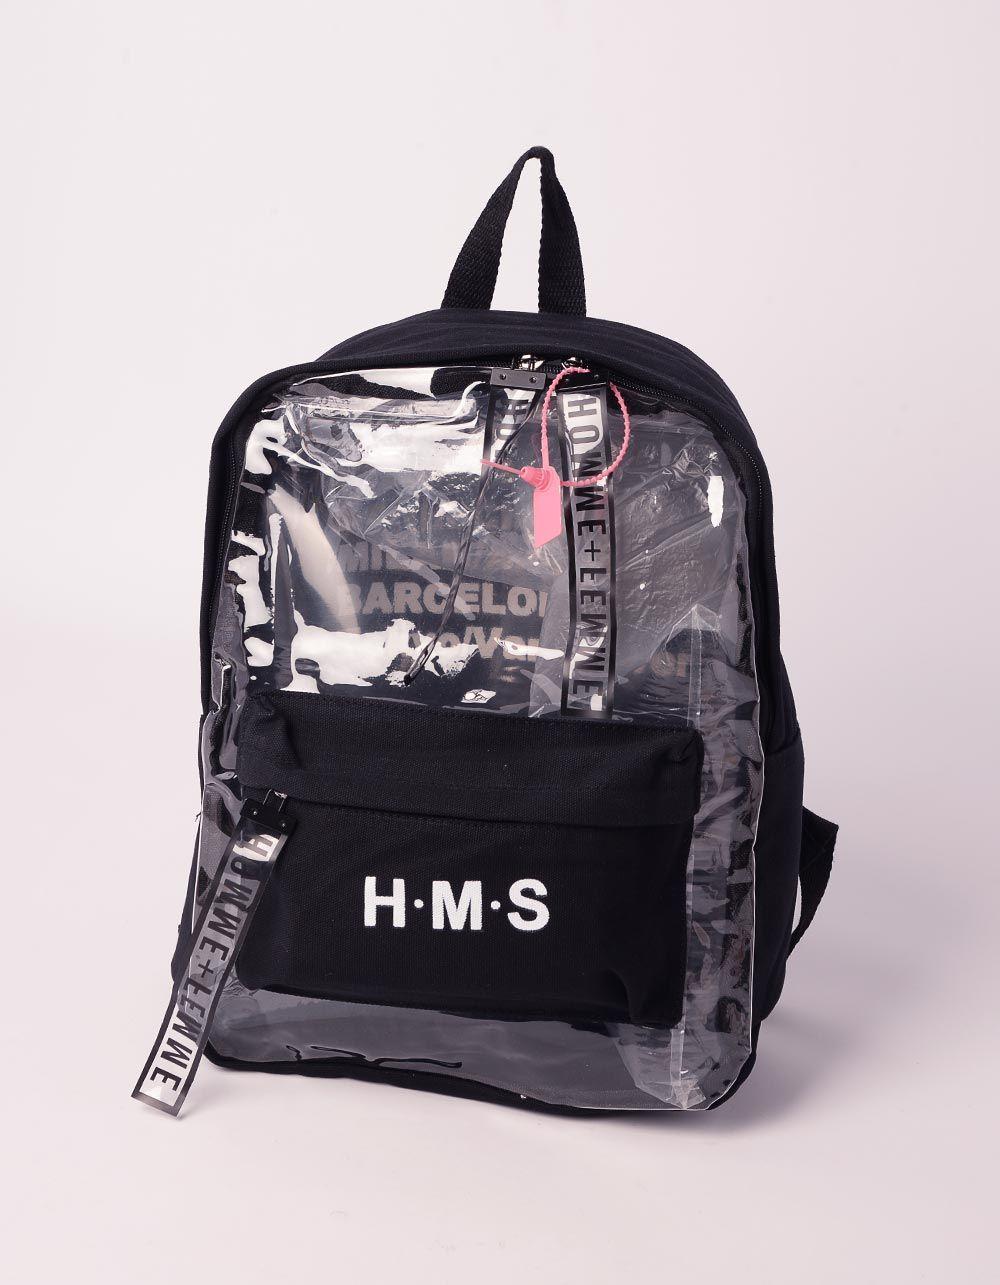 Рюкзак для міста з написом напівпрозорий | 239342-02-XX